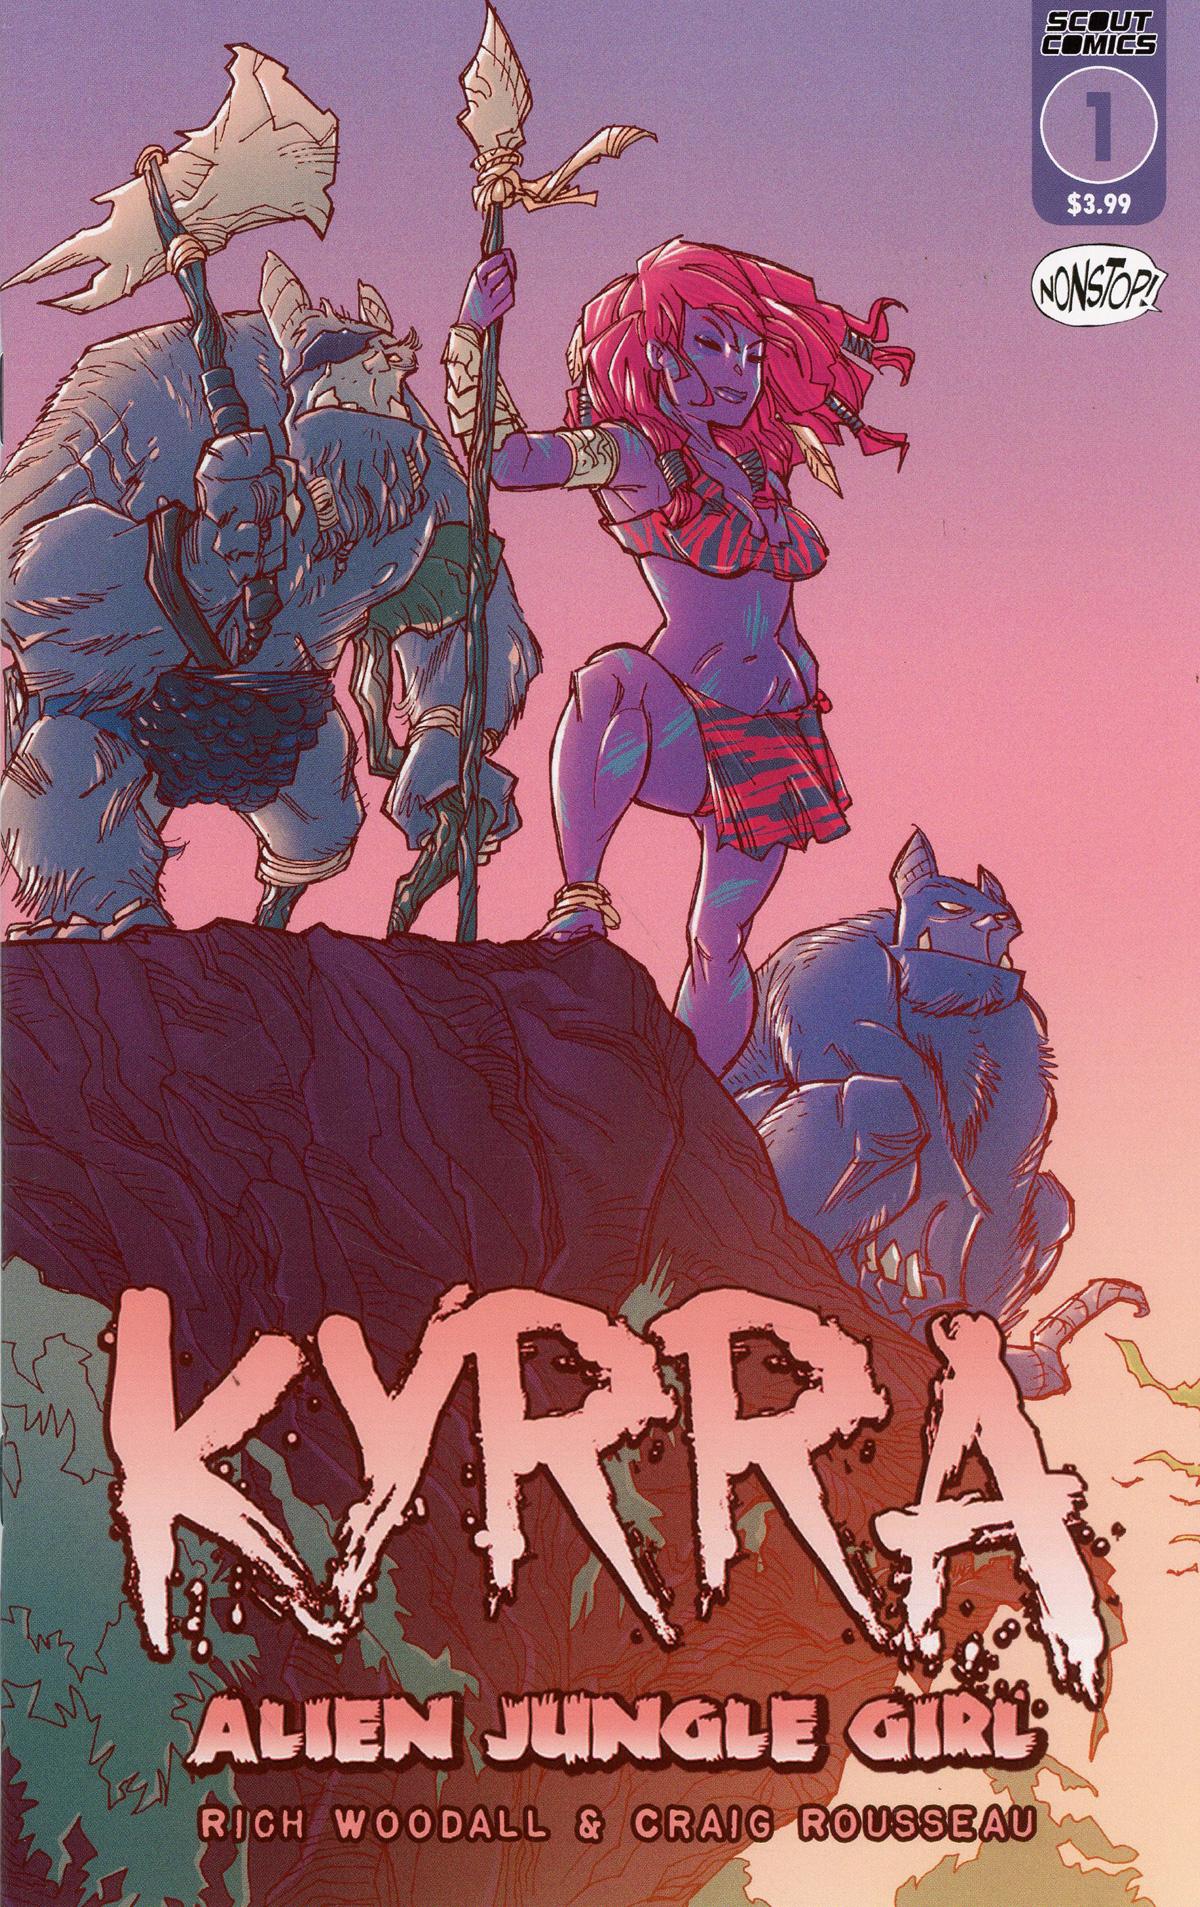 Kyrra Alien Jungle Girl #1